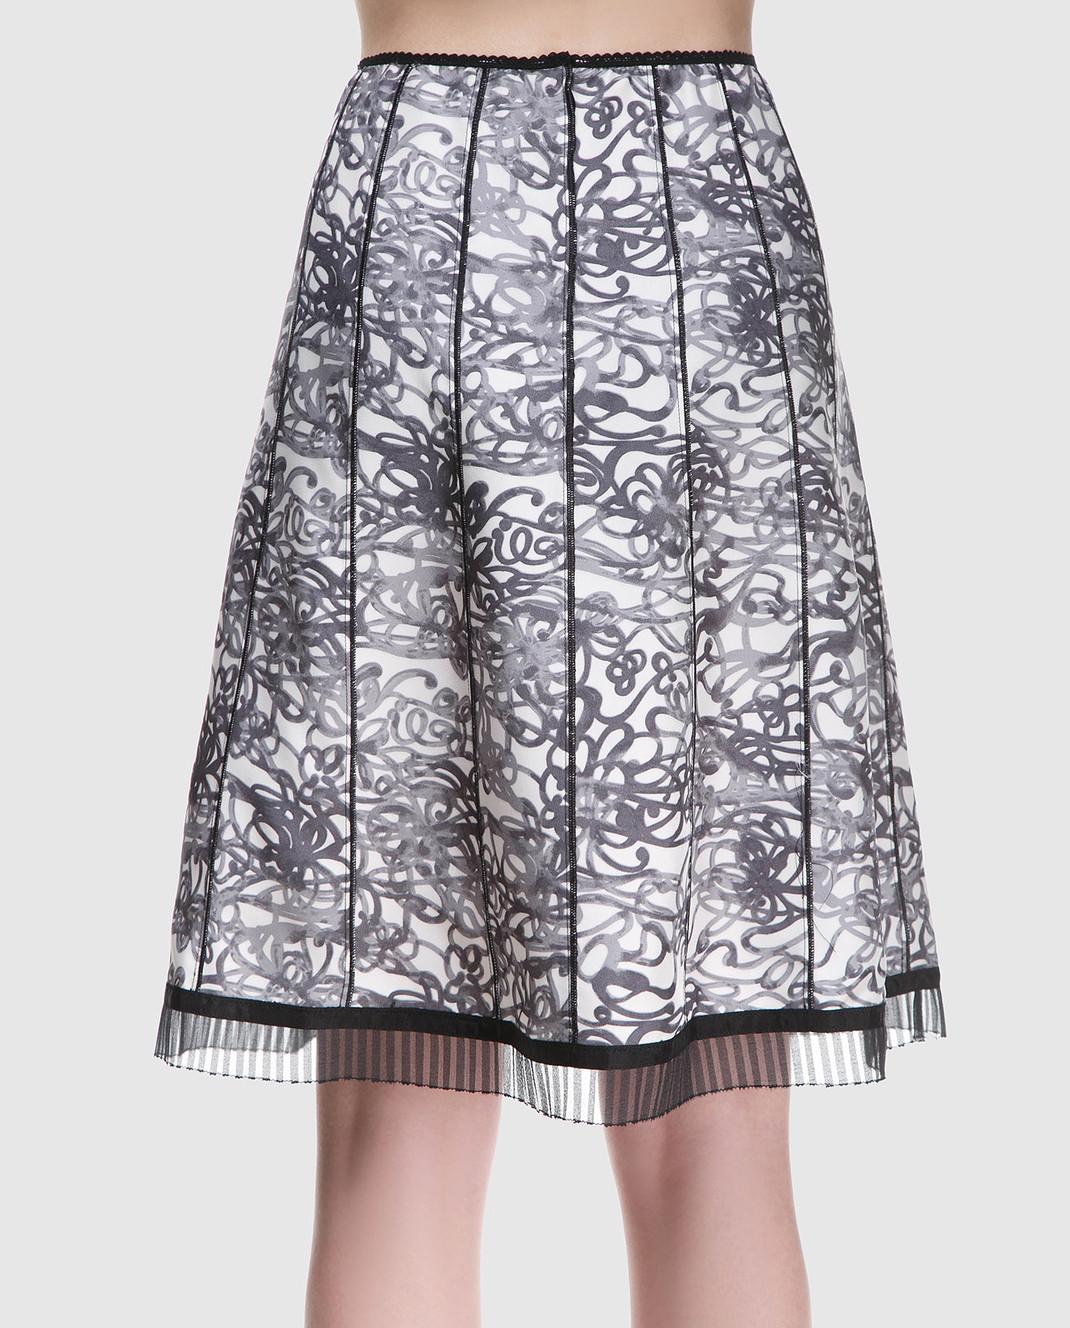 Marc Jacobs Черная юбка из шелка с принтом M4007179 изображение 3